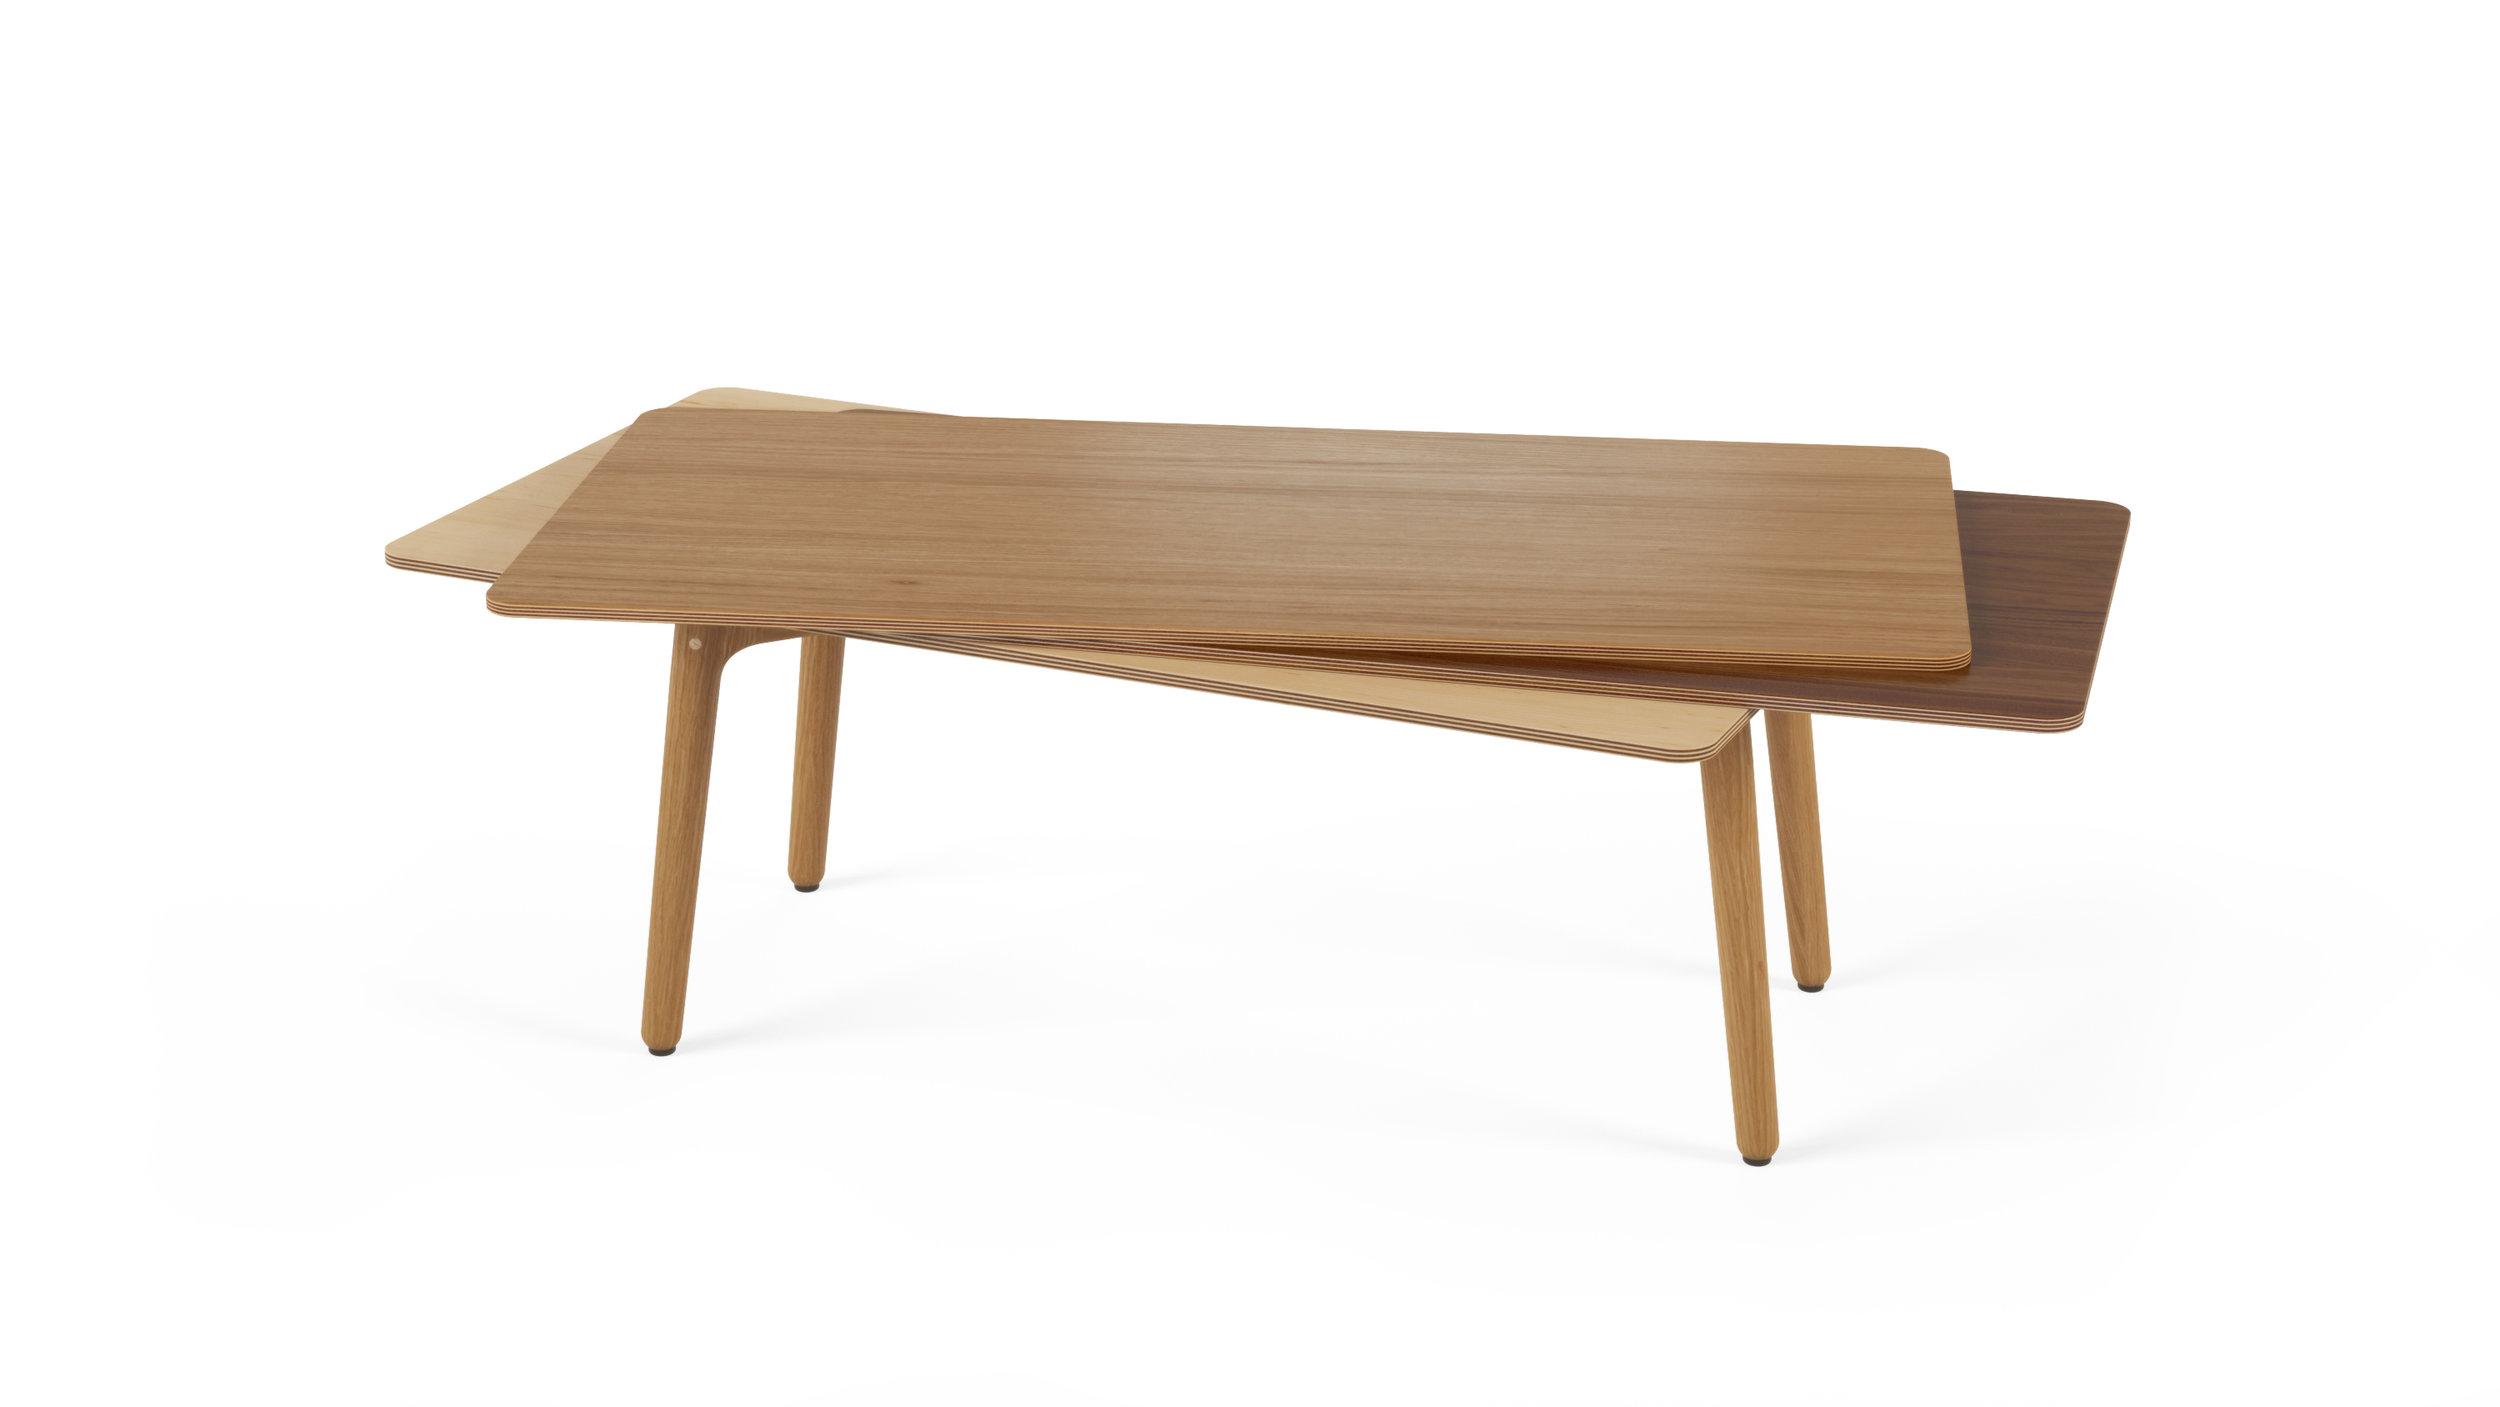 Stacked Coffee Table (Wood) - Oak, Walnut, Maple.jpg